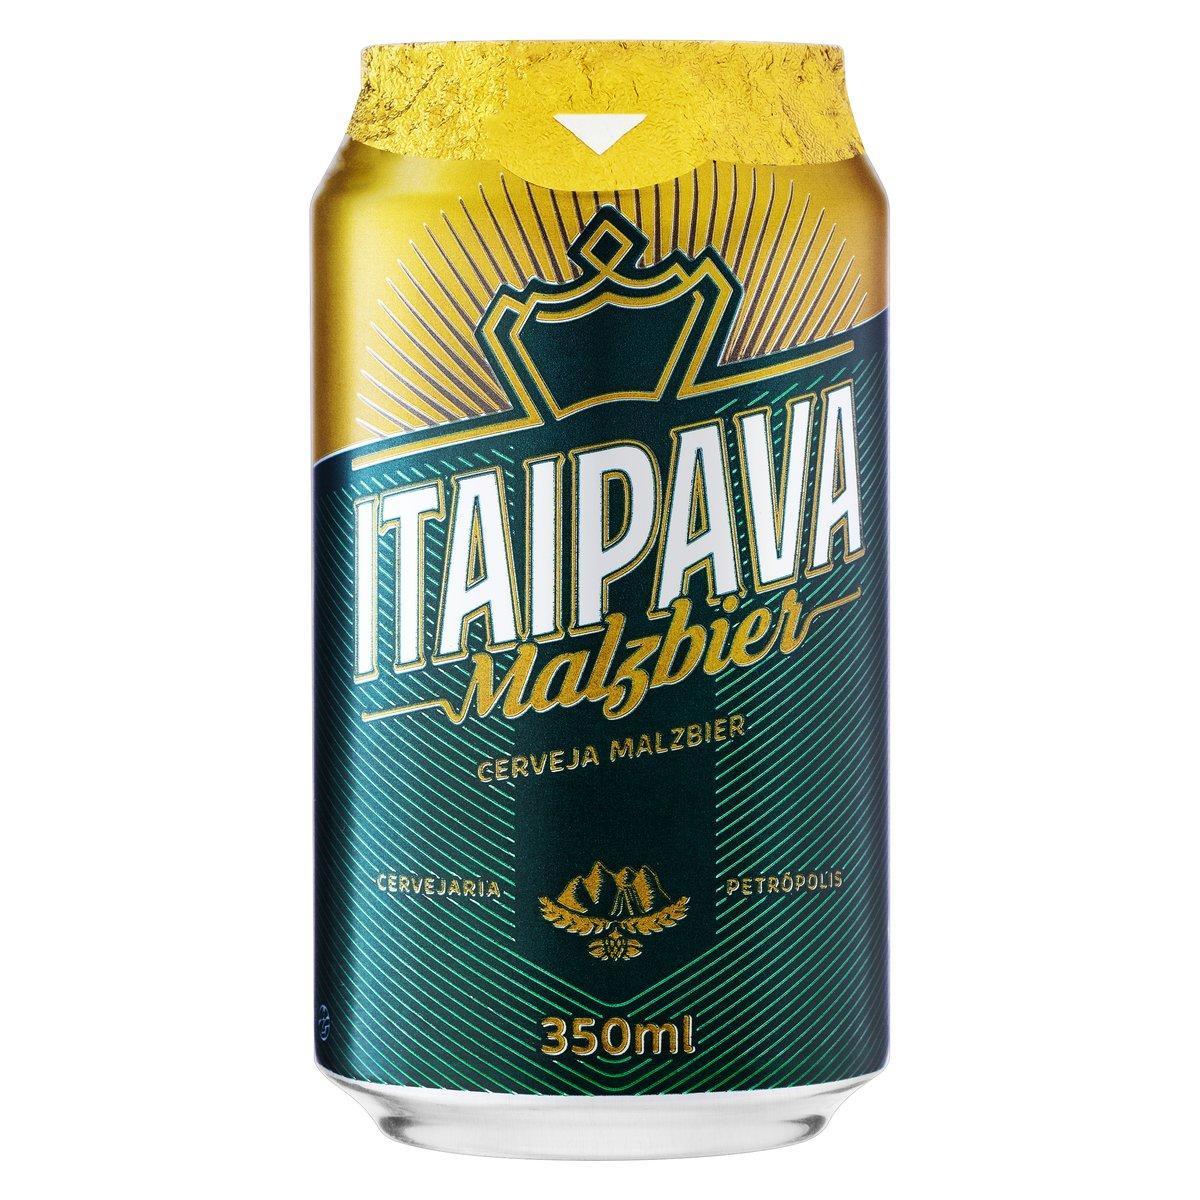 Cerveja Malzbier 350ml Itaipava lata UN